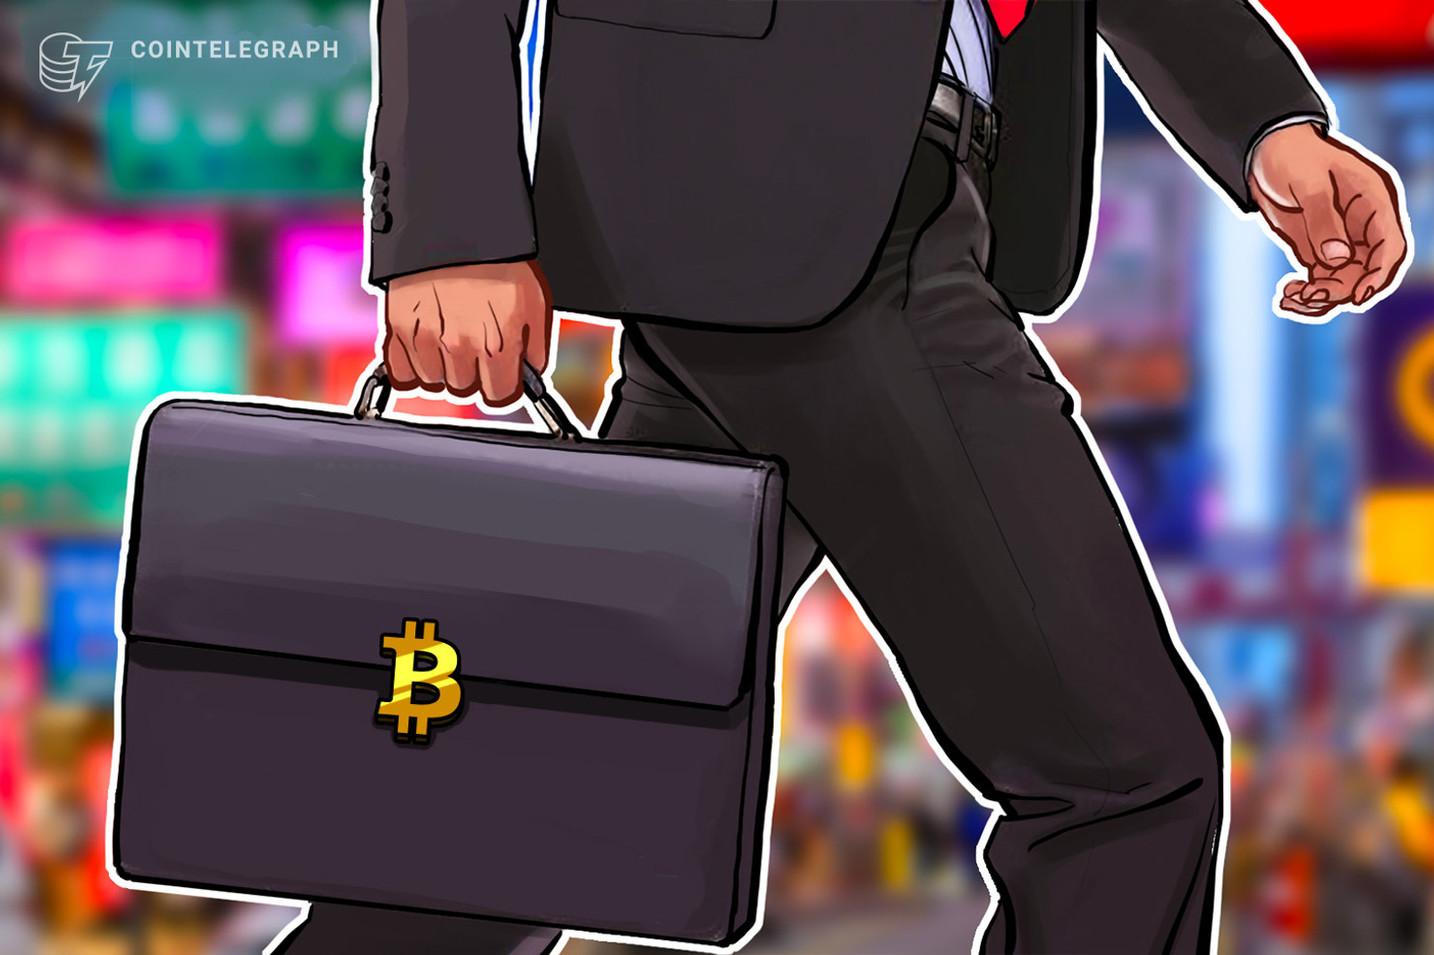 'Meu coração está com as criptomoedas' - Dave Portnoy diz que está de volta ao comércio de Bitcoin